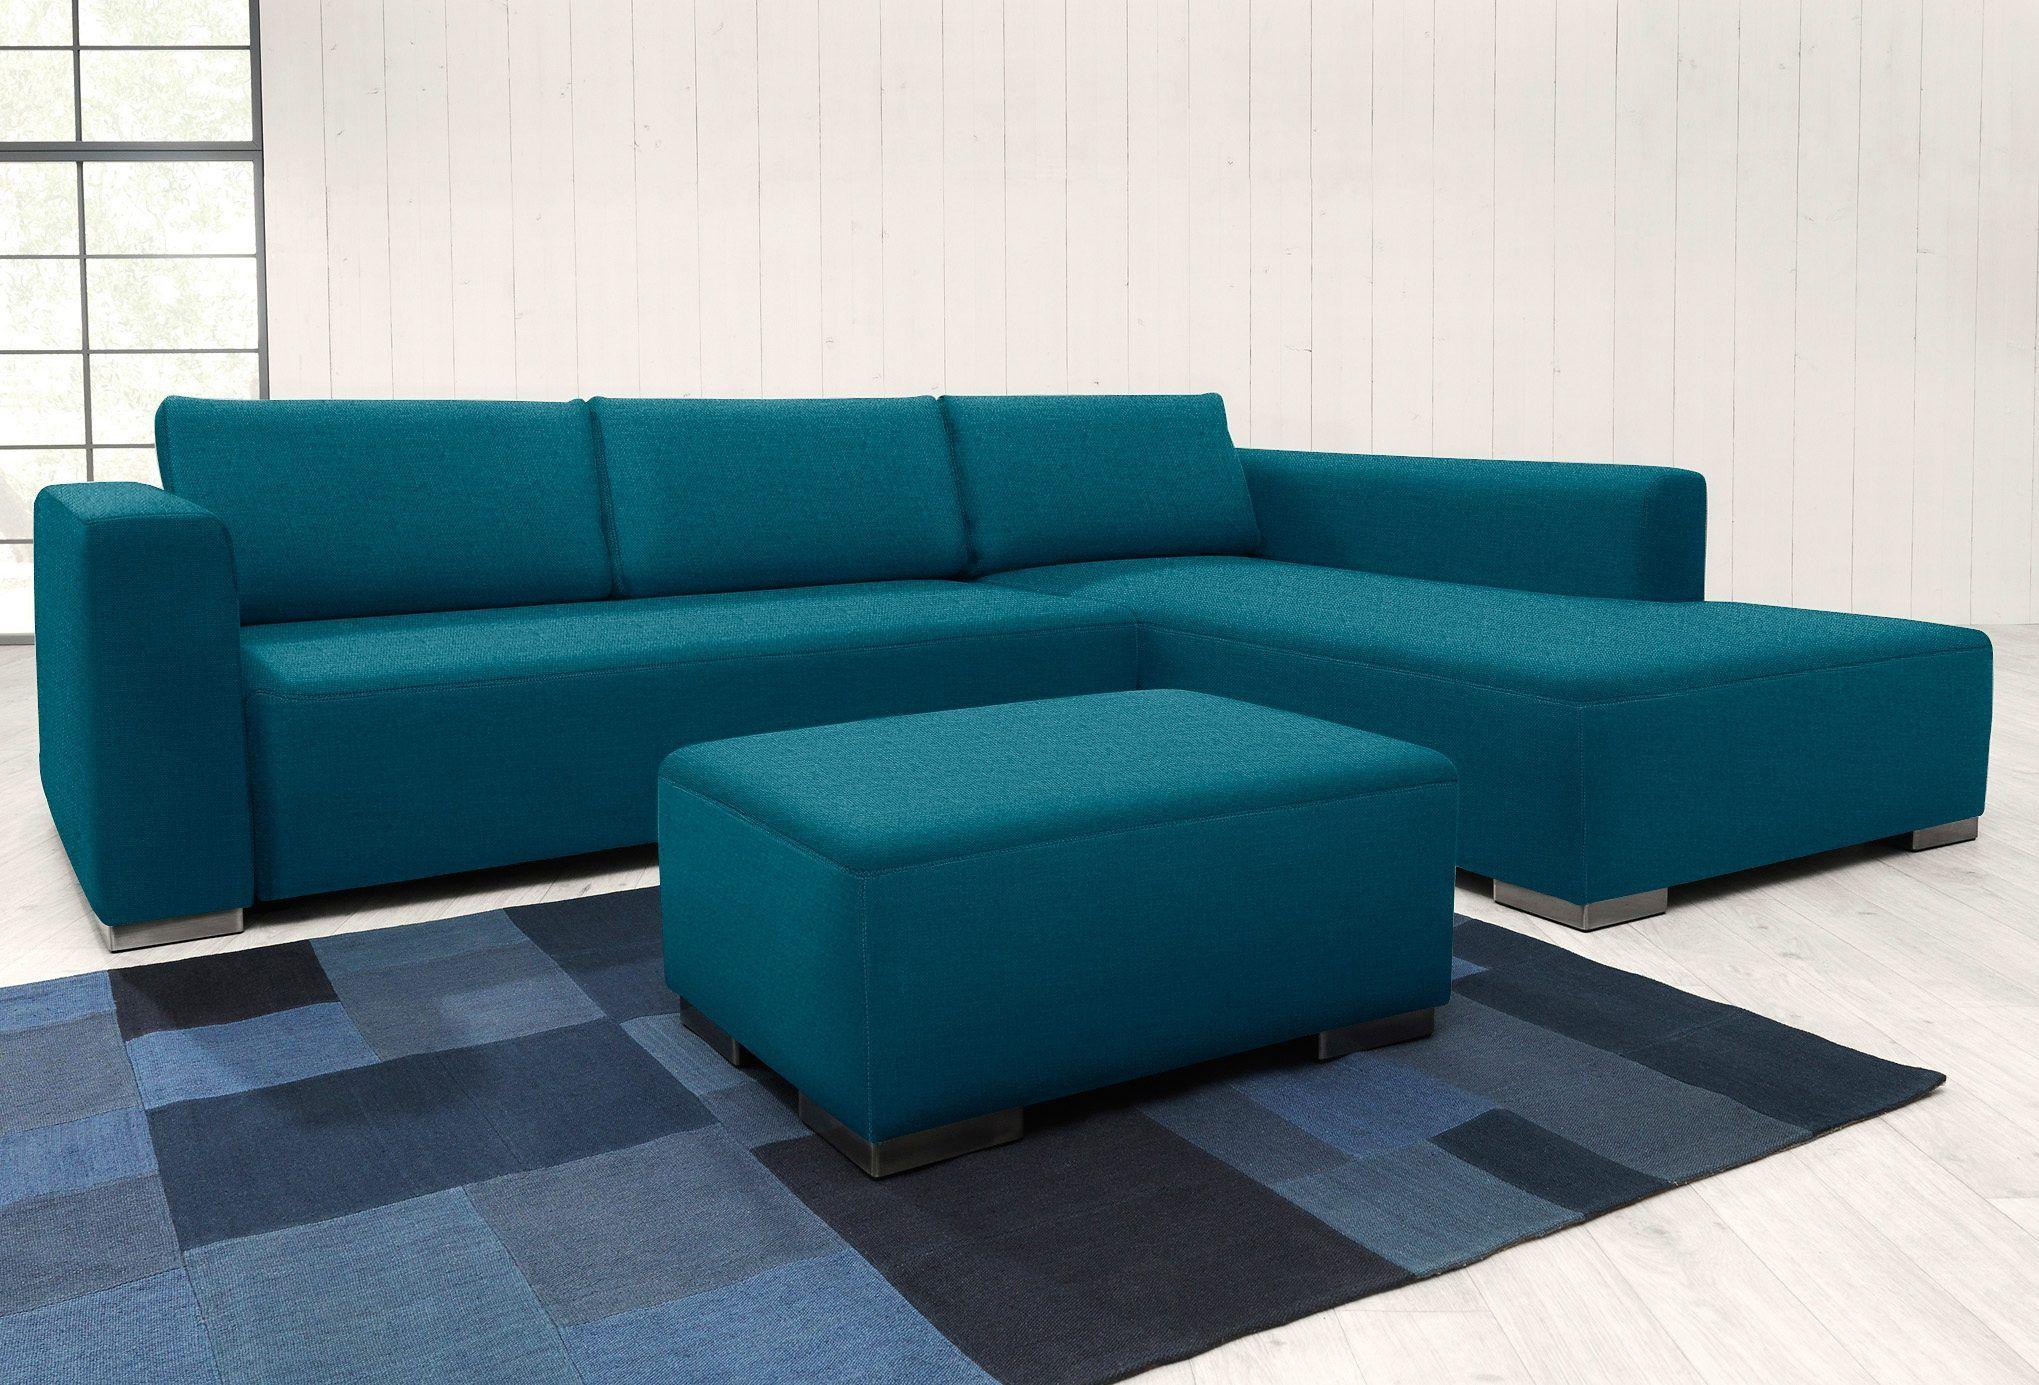 Sofa Tom Tailor Tom Tailor Sitzer Sofa Nordic Chic Im Retrolook Fe